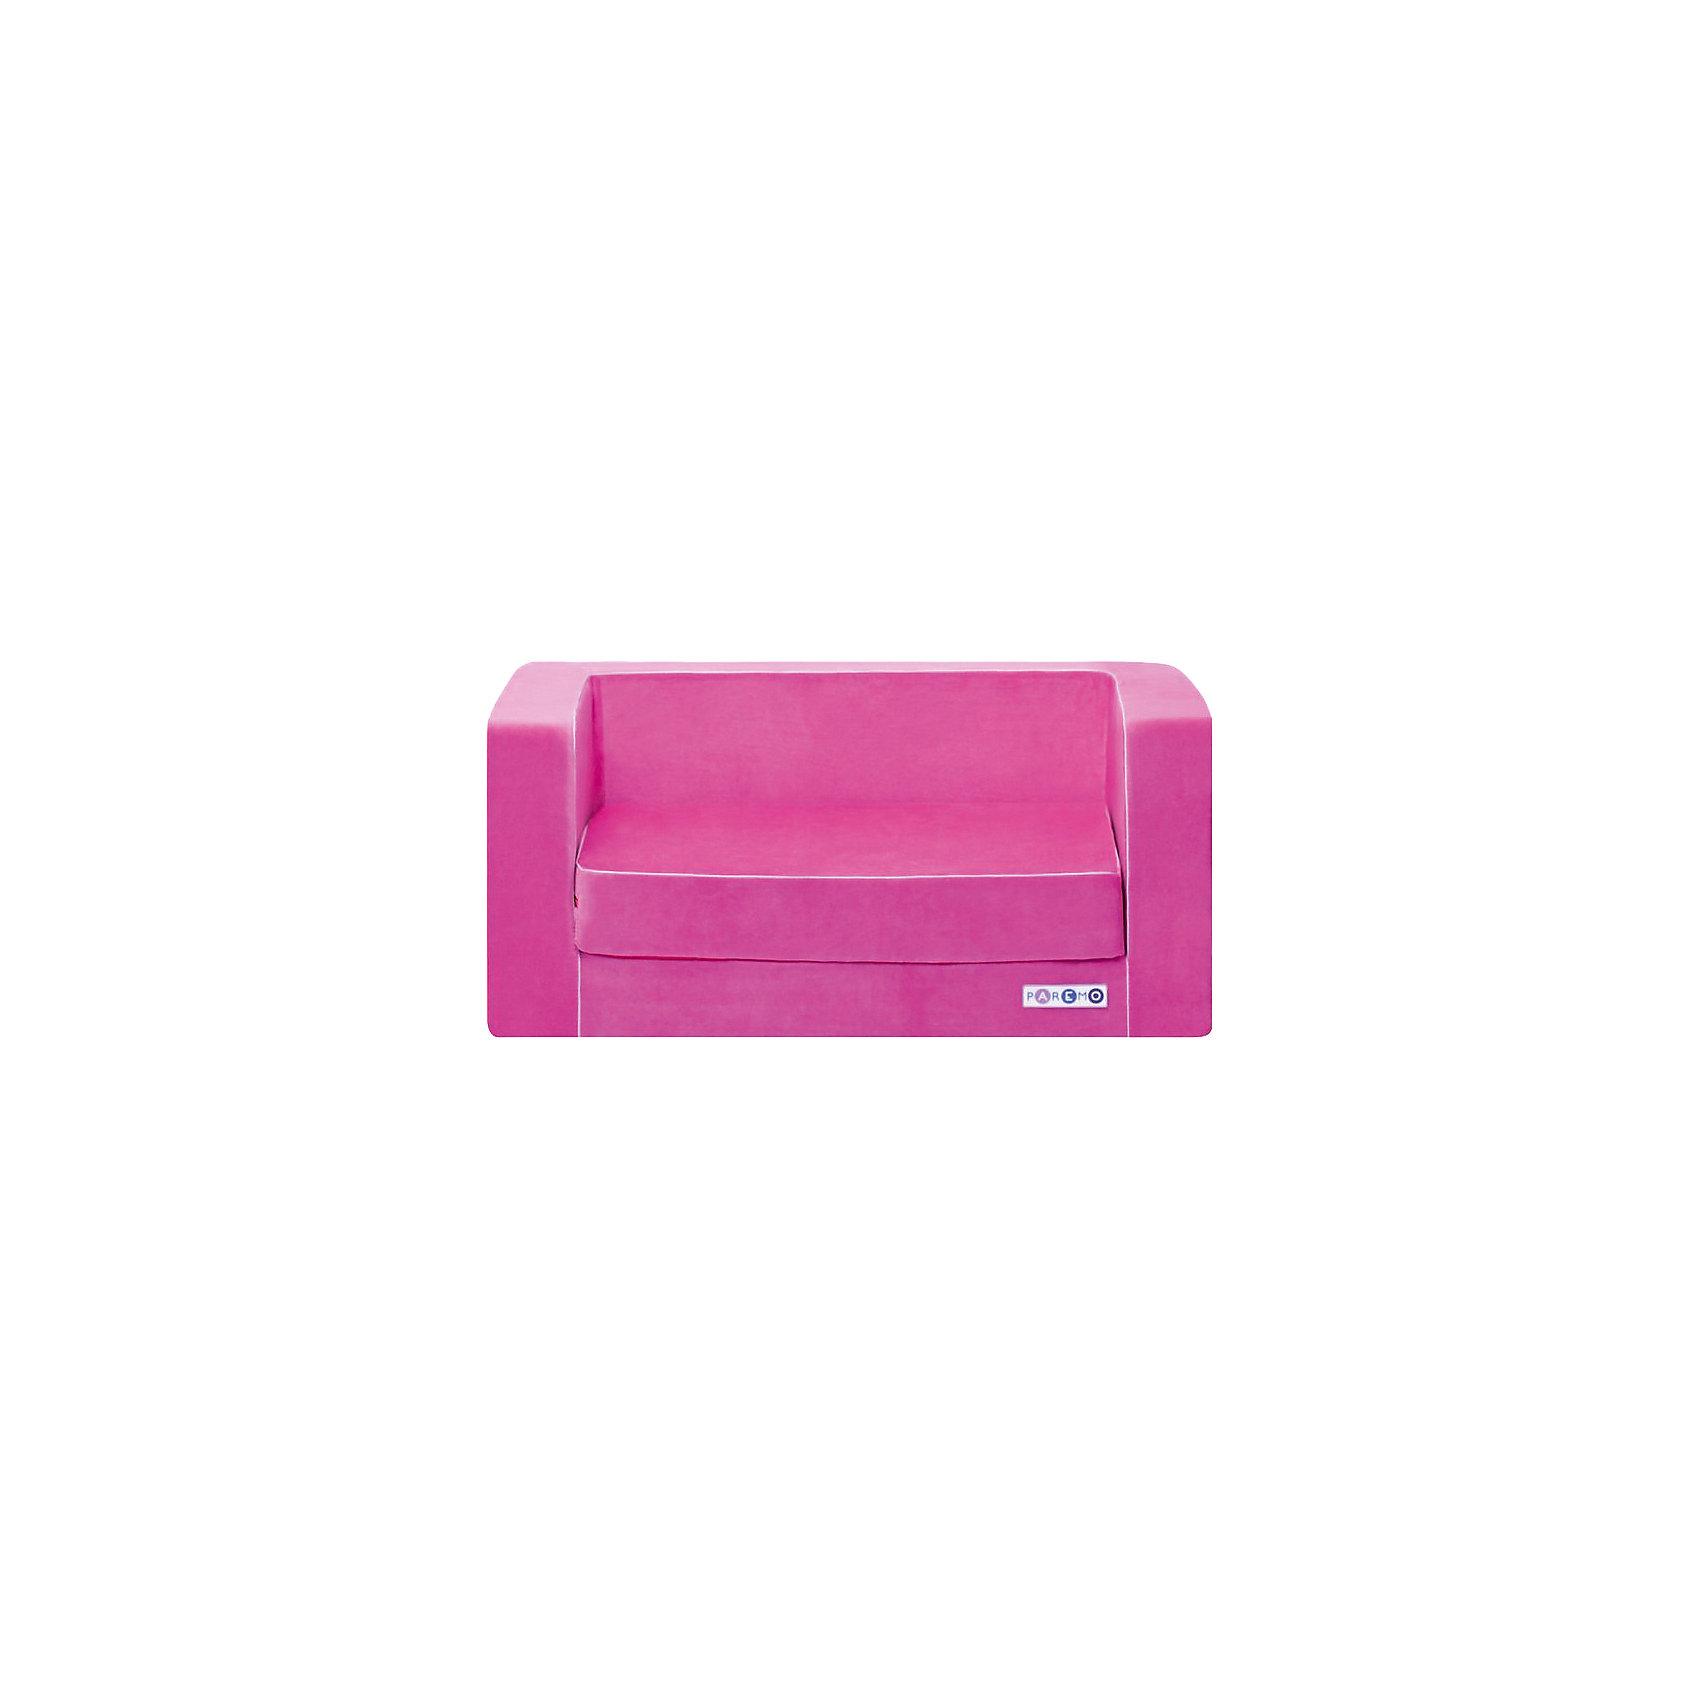 Раскладной игровой диванчик, розовый, PAREMOДомики и мебель<br>Раскладной игровой диванчик, розовый, PAREMO (ПАРЕМО).<br><br>Характеристики:<br><br>• Для девочек в возрасте от 1 года до 5 лет<br>• Размер: 86х38х47 см.<br>• Вес: 7 кг.<br>• Высота от пола до сидения: 21 см.<br>• Размер сидения: 65х36/68 см.<br>• Материал чехла: велюр<br>• Наполнитель: пенополиуретан<br>• Цвет: розовый<br>• Упаковка: пакет<br>• ВНИМАНИЕ! Диван не предусмотрен для сна и относится к категории игровой мебели!<br><br>Раскладной игровой диванчик — яркое, стильное и практичное решение для детской комнаты. Он создаст дополнительное место для игр и станет удобным местечком, где ваша девочка сможет отдохнуть. Диван имеет бескаркасную, абсолютно безопасную конструкцию. Острые углы отсутствуют. <br><br>Мягкое эргономичное сидение принимает нужную форму под весом ребенка, что делает диван максимально комфортным. Высота от пола до сидения составляет 21 см, поэтому даже самым маленьким будет удобно садиться. Диван легко складывается и раскладывается. Мягкий чехол, выполненный из велюра, приятен на ощупь. Он легко снимается и при необходимости стирается в режиме деликатной стирки при температуре до 30 градусов. Сделано в России!<br><br>Раскладной игровой диванчик, розовый, PAREMO (ПАРЕМО) можно купить в нашем интернет-магазине.<br><br>Ширина мм: 860<br>Глубина мм: 470<br>Высота мм: 380<br>Вес г: 7000<br>Возраст от месяцев: 12<br>Возраст до месяцев: 120<br>Пол: Женский<br>Возраст: Детский<br>SKU: 5482295